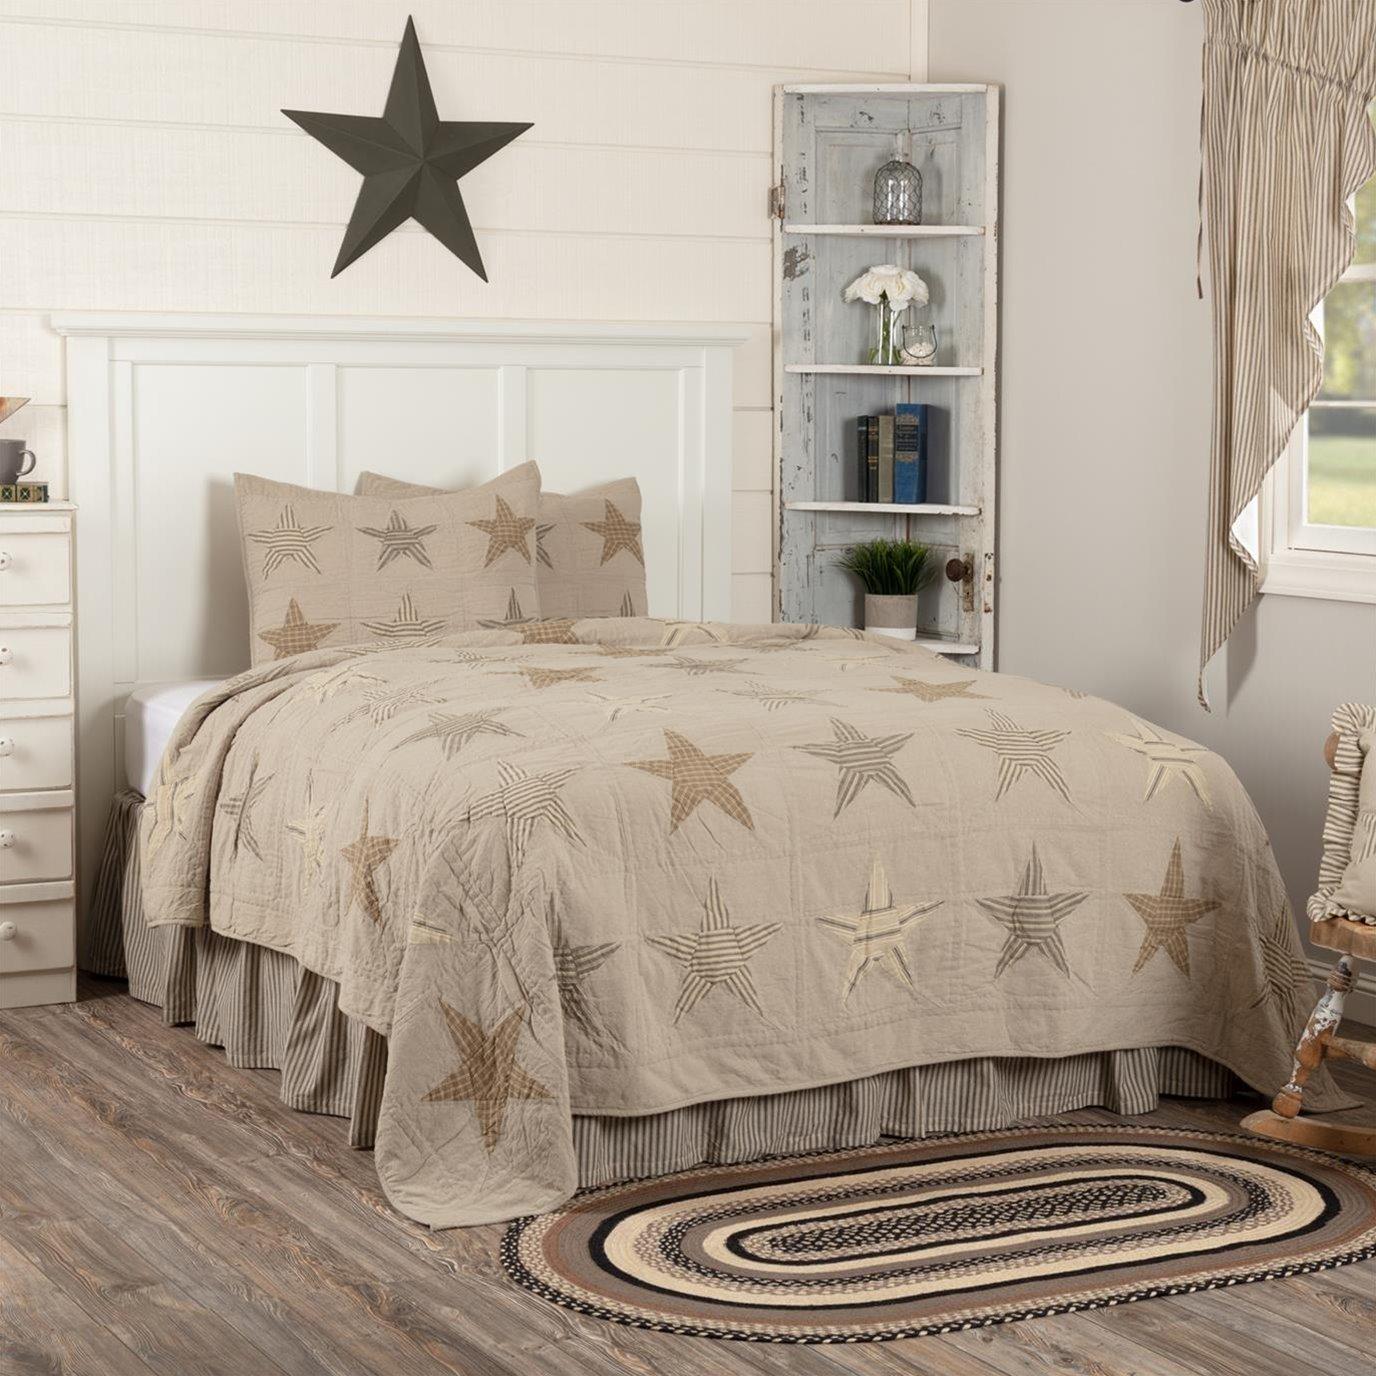 Sawyer Mill Star Charcoal Twin Quilt Set; 1-Quilt 68Wx86L w/1 Sham 21x27